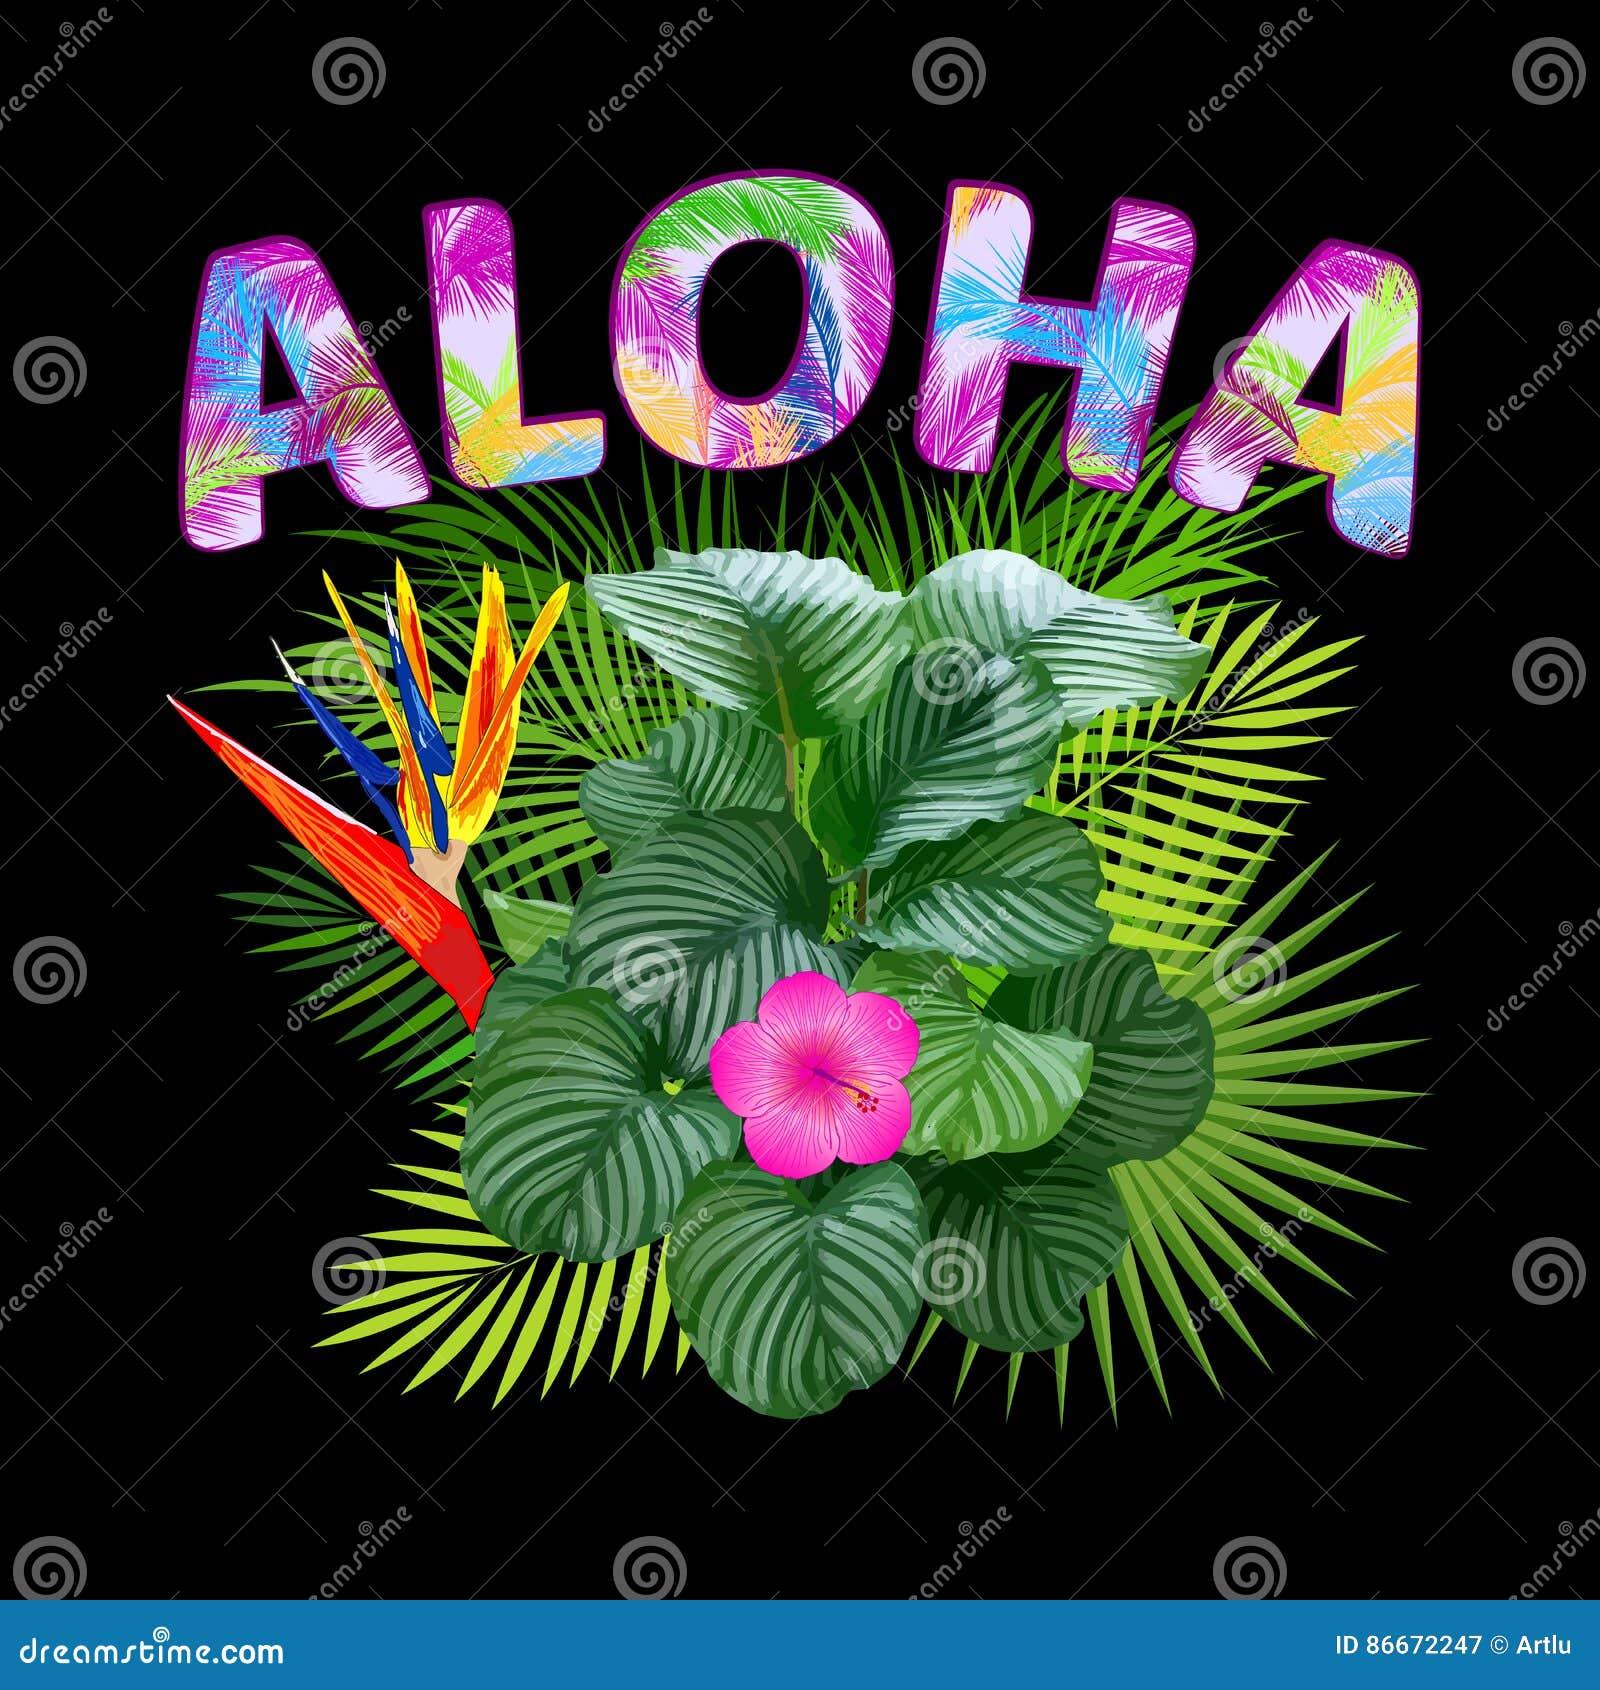 T shirt design hawaii - Aloha Hawaii Aloha T Shirt Design